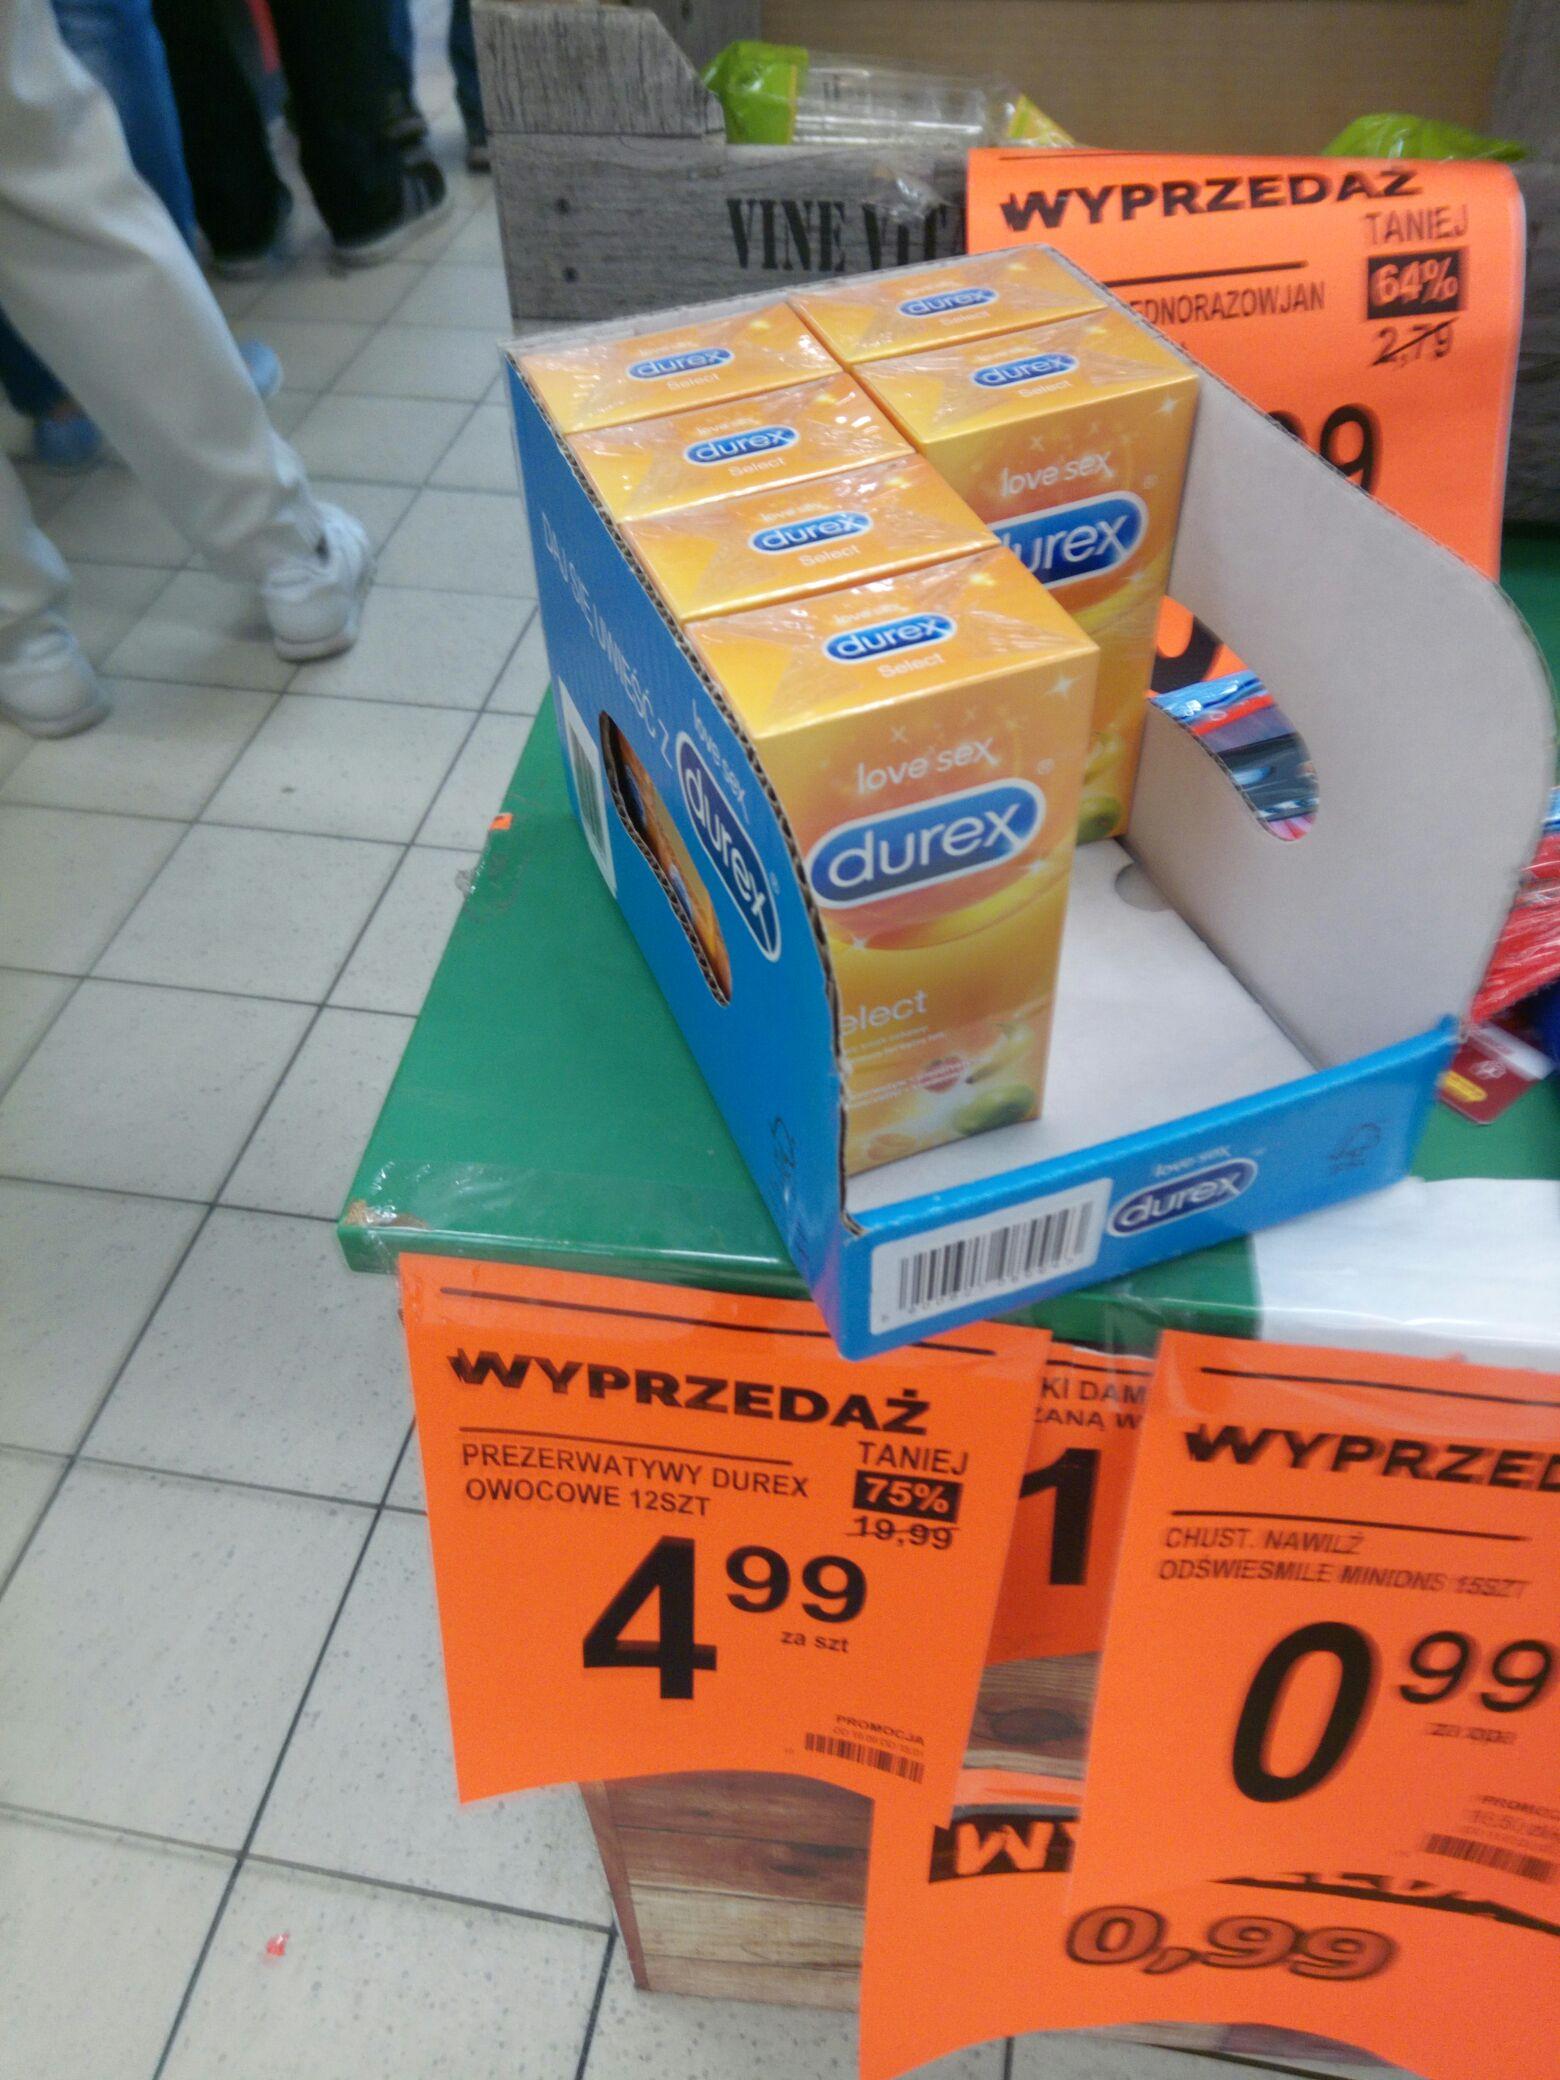 Prezerwatywy Durex owocowe 12 szt